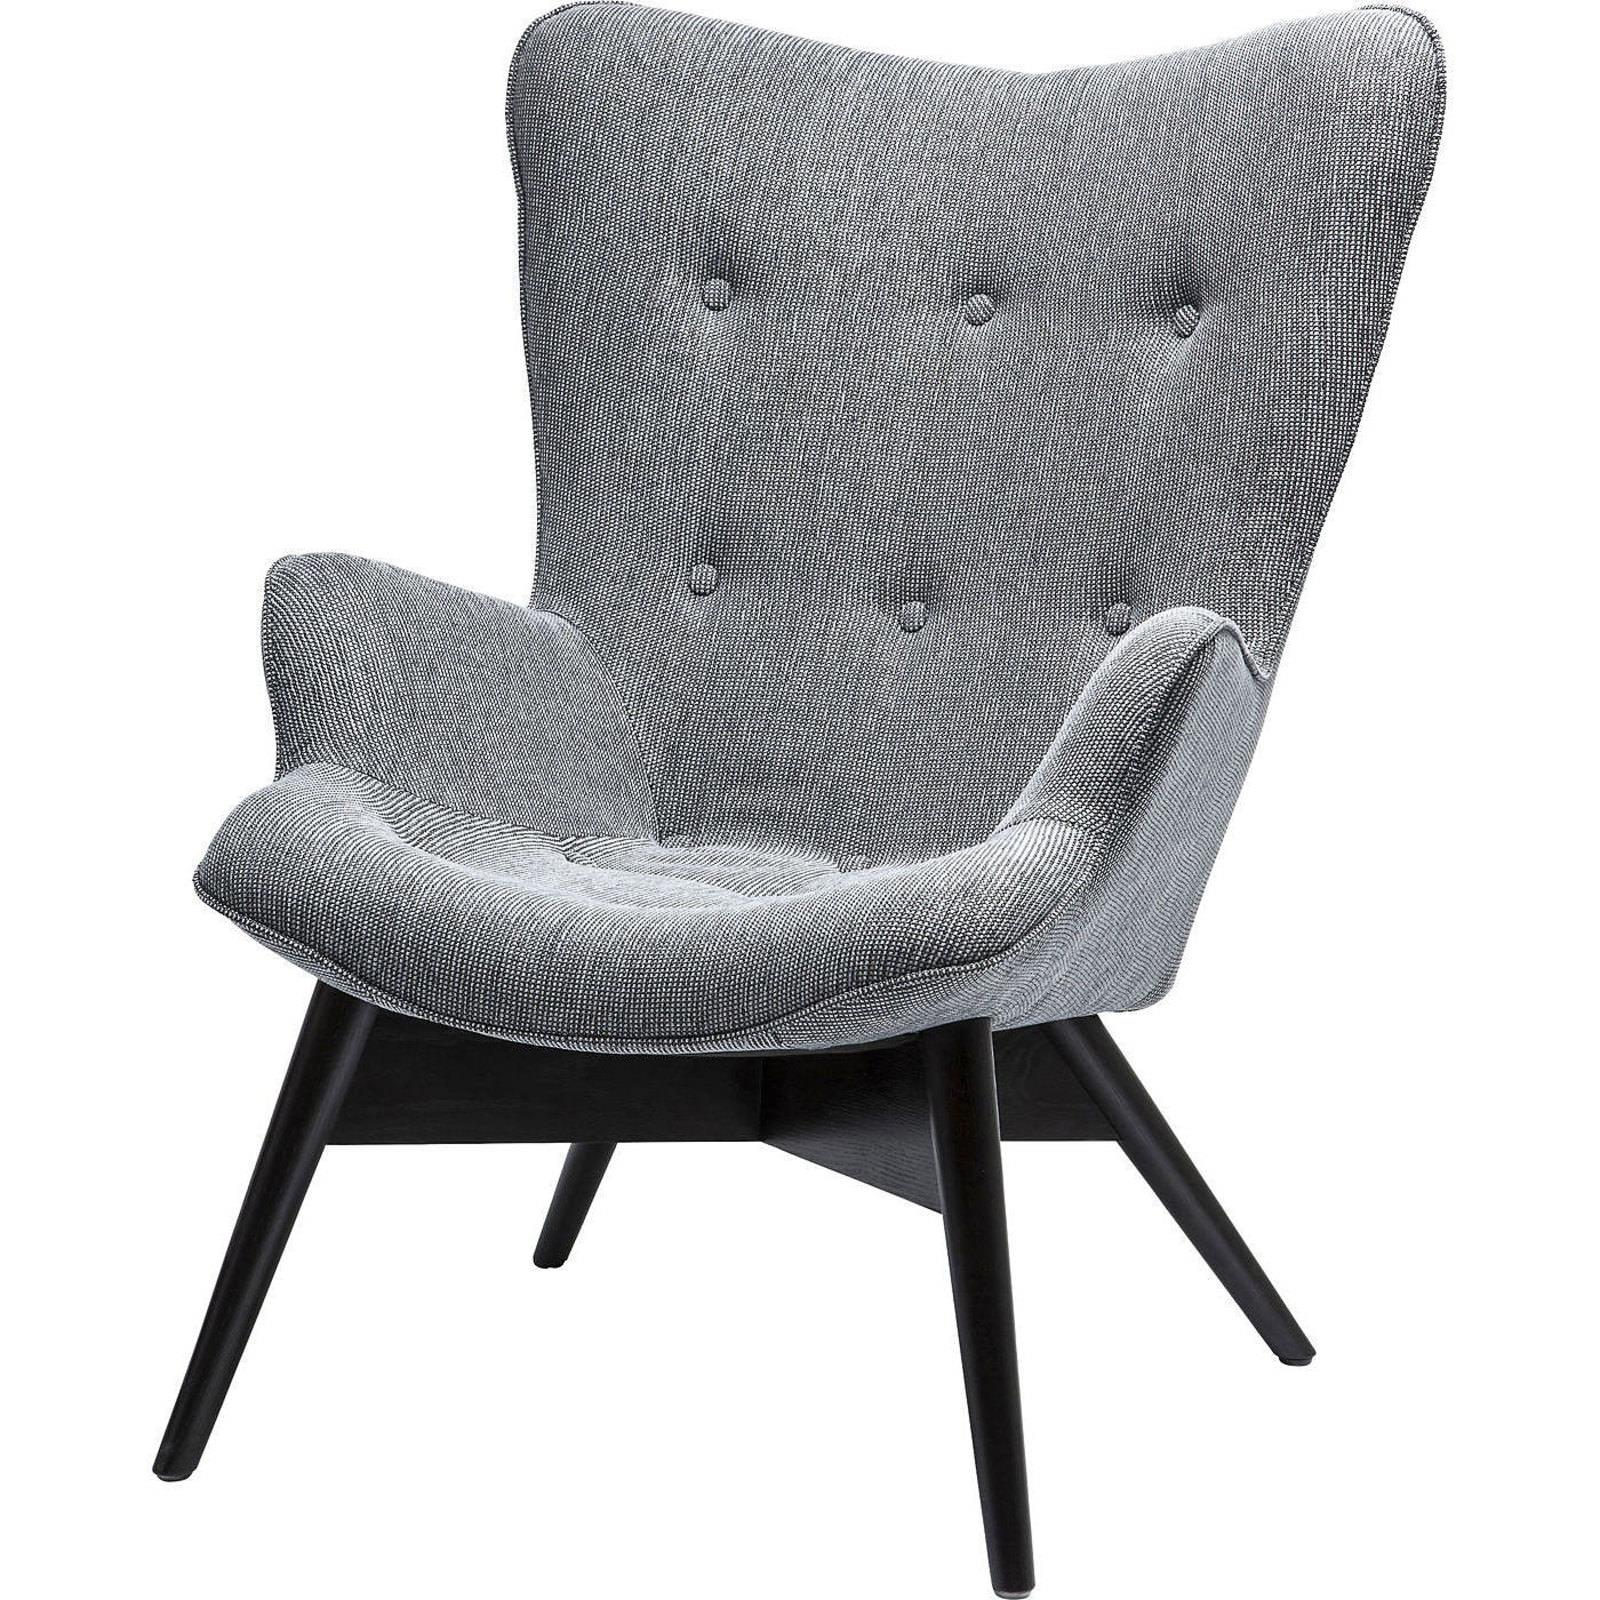 Design sessel hoch williamflooring for Sessel schmal hoch